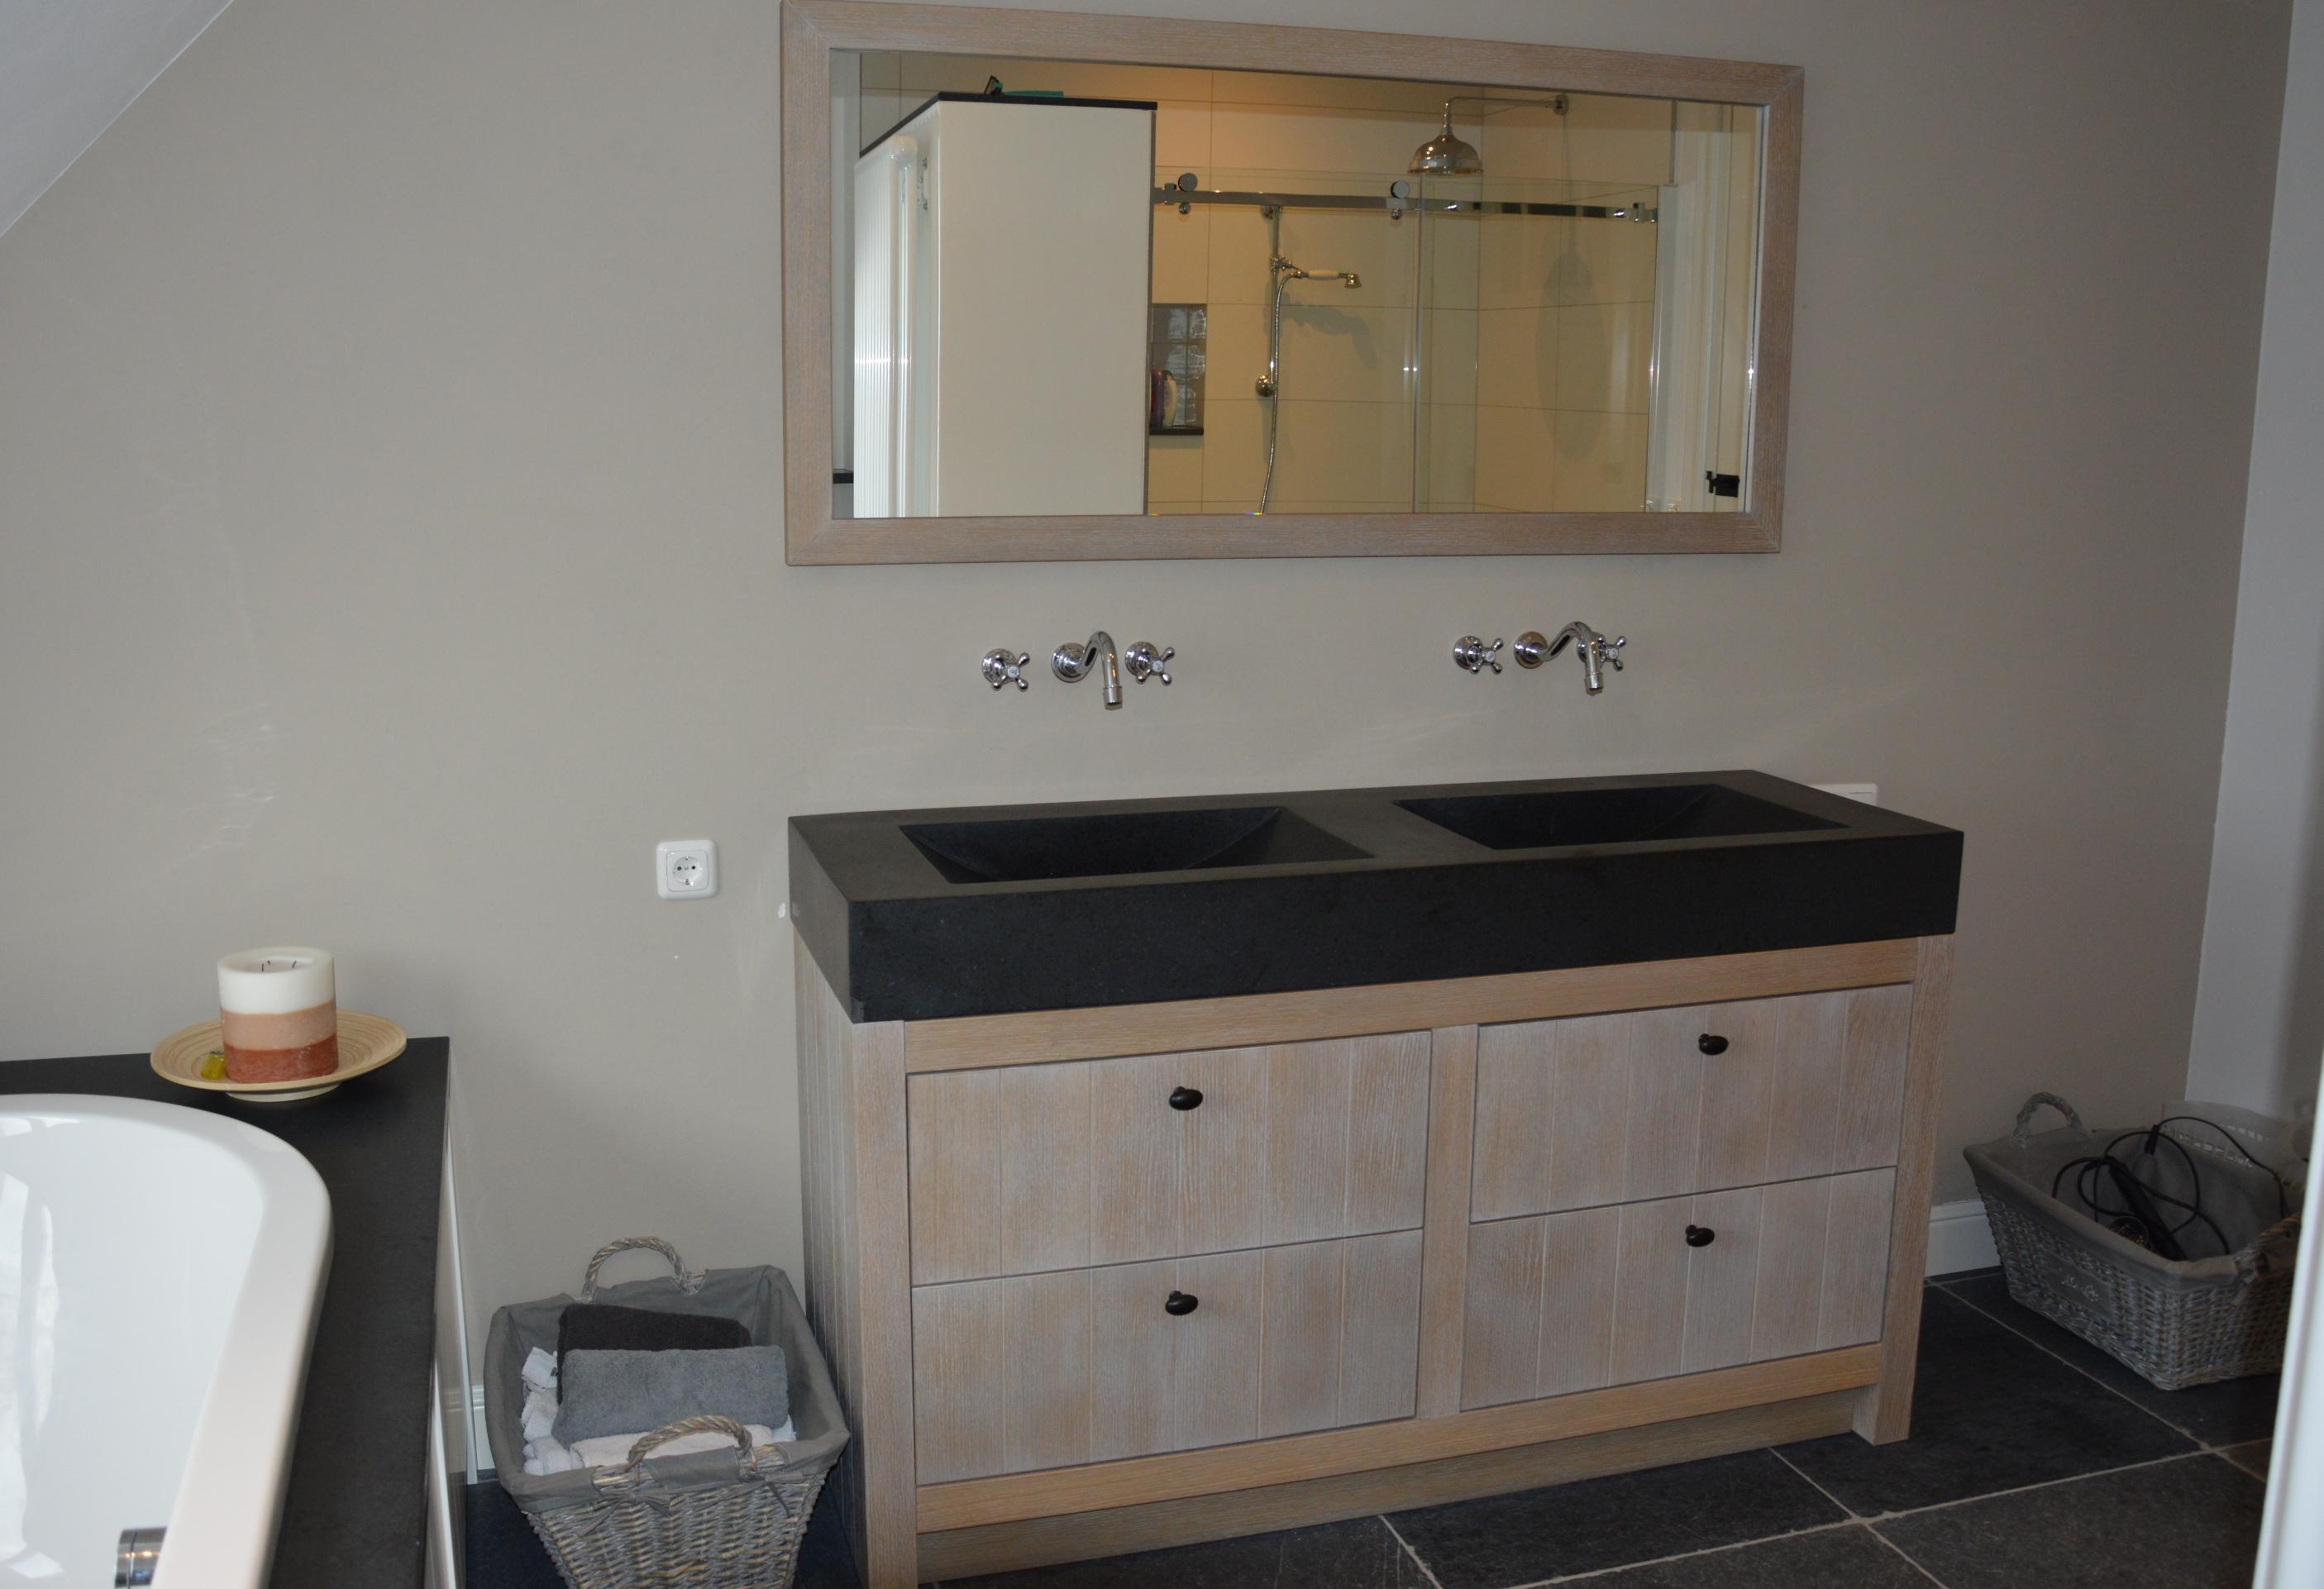 Badkamermeubel engelse stijl badkamer ontwerp idee n voor uw huis samen met - Engelse stijl kamer ...